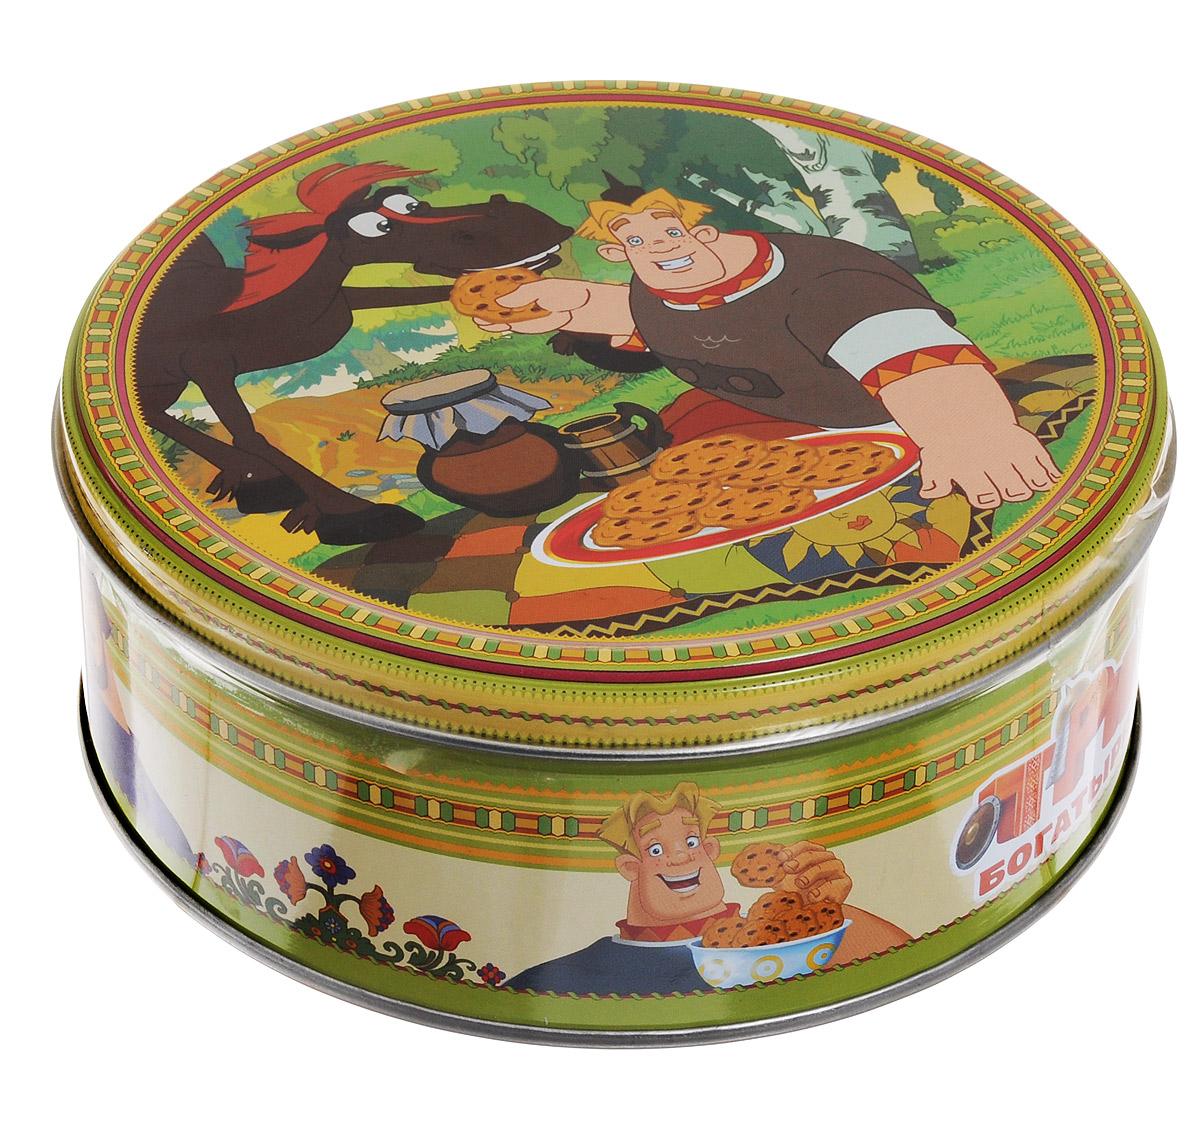 Три богатыря Юлий печенье сдобное с кусочками шоколада, 150 г4600416016891_коньМиньоны – это суперпопулярные забавные желтые существа, ставшие известными благодаря мультфильмам Гадкий я и Гадкий я – 2.Натуральный состав, узнаваемые персонажи и яркий дизайн подарочных банок делают печенье Миньоны отличным подарком для широкой возрастной категории их поклонников.